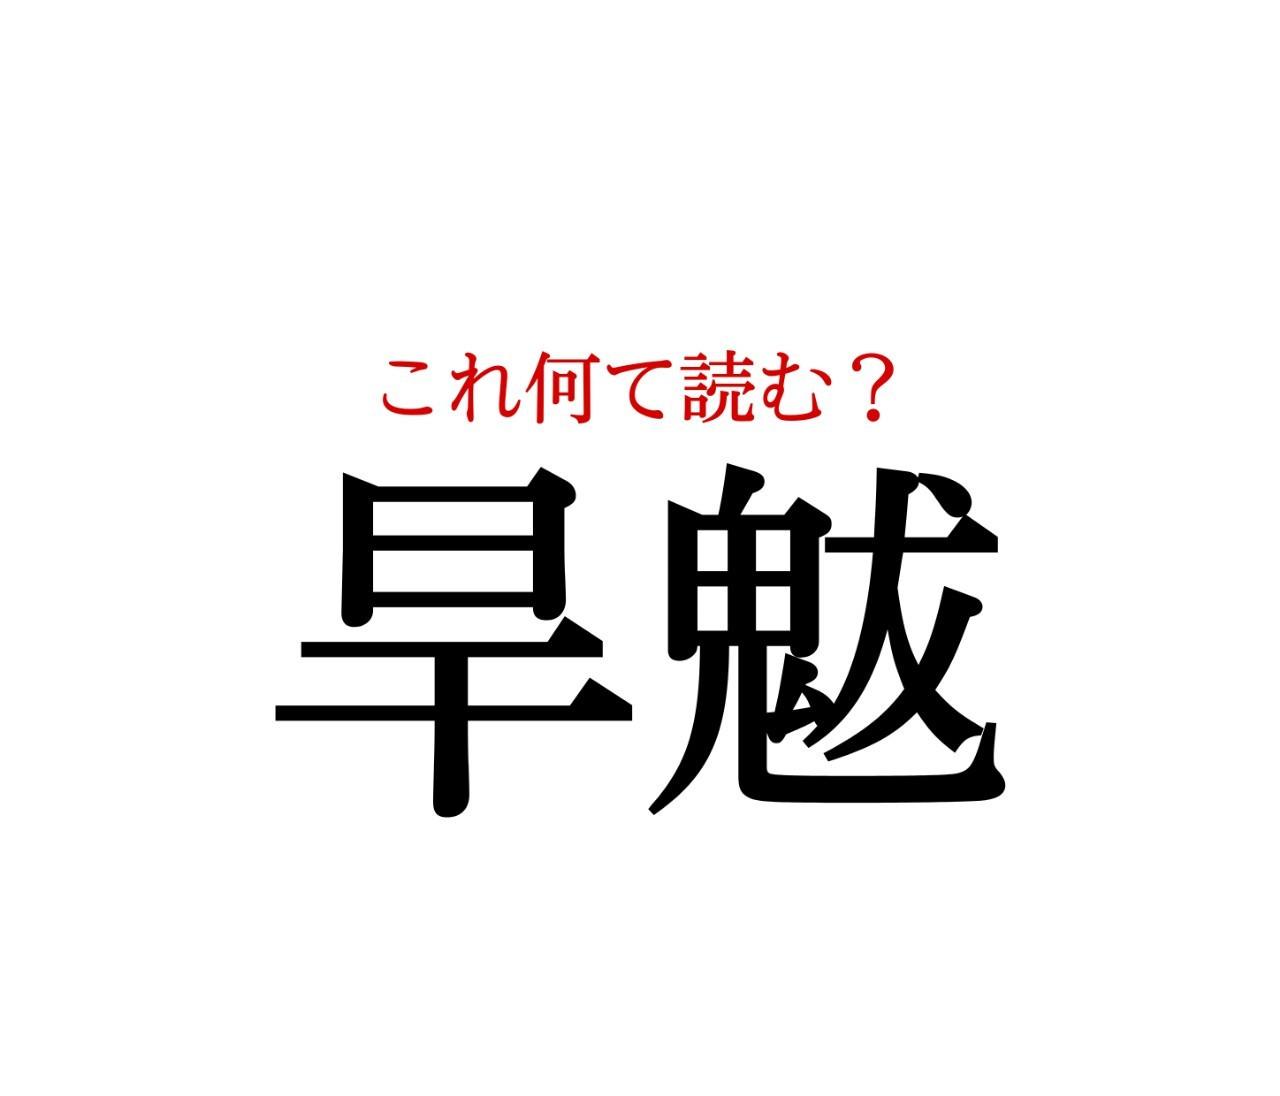 「旱魃」:この漢字、自信を持って読めますか?【働く大人の漢字クイズvol.91】